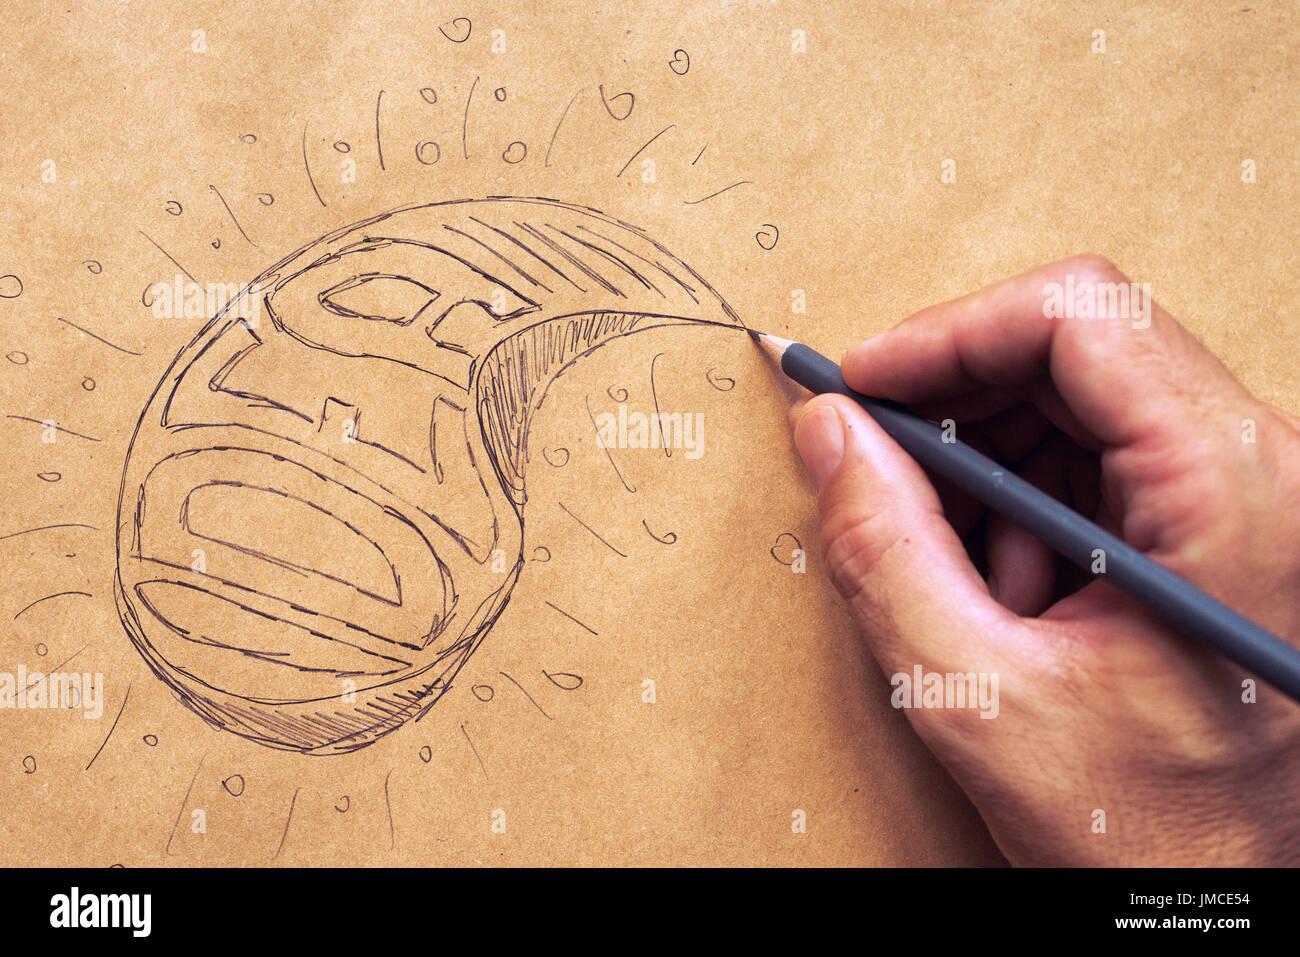 Les nouvelles idées et l'innovation, la créativité en design graphique, illustration et l'écriture Banque D'Images